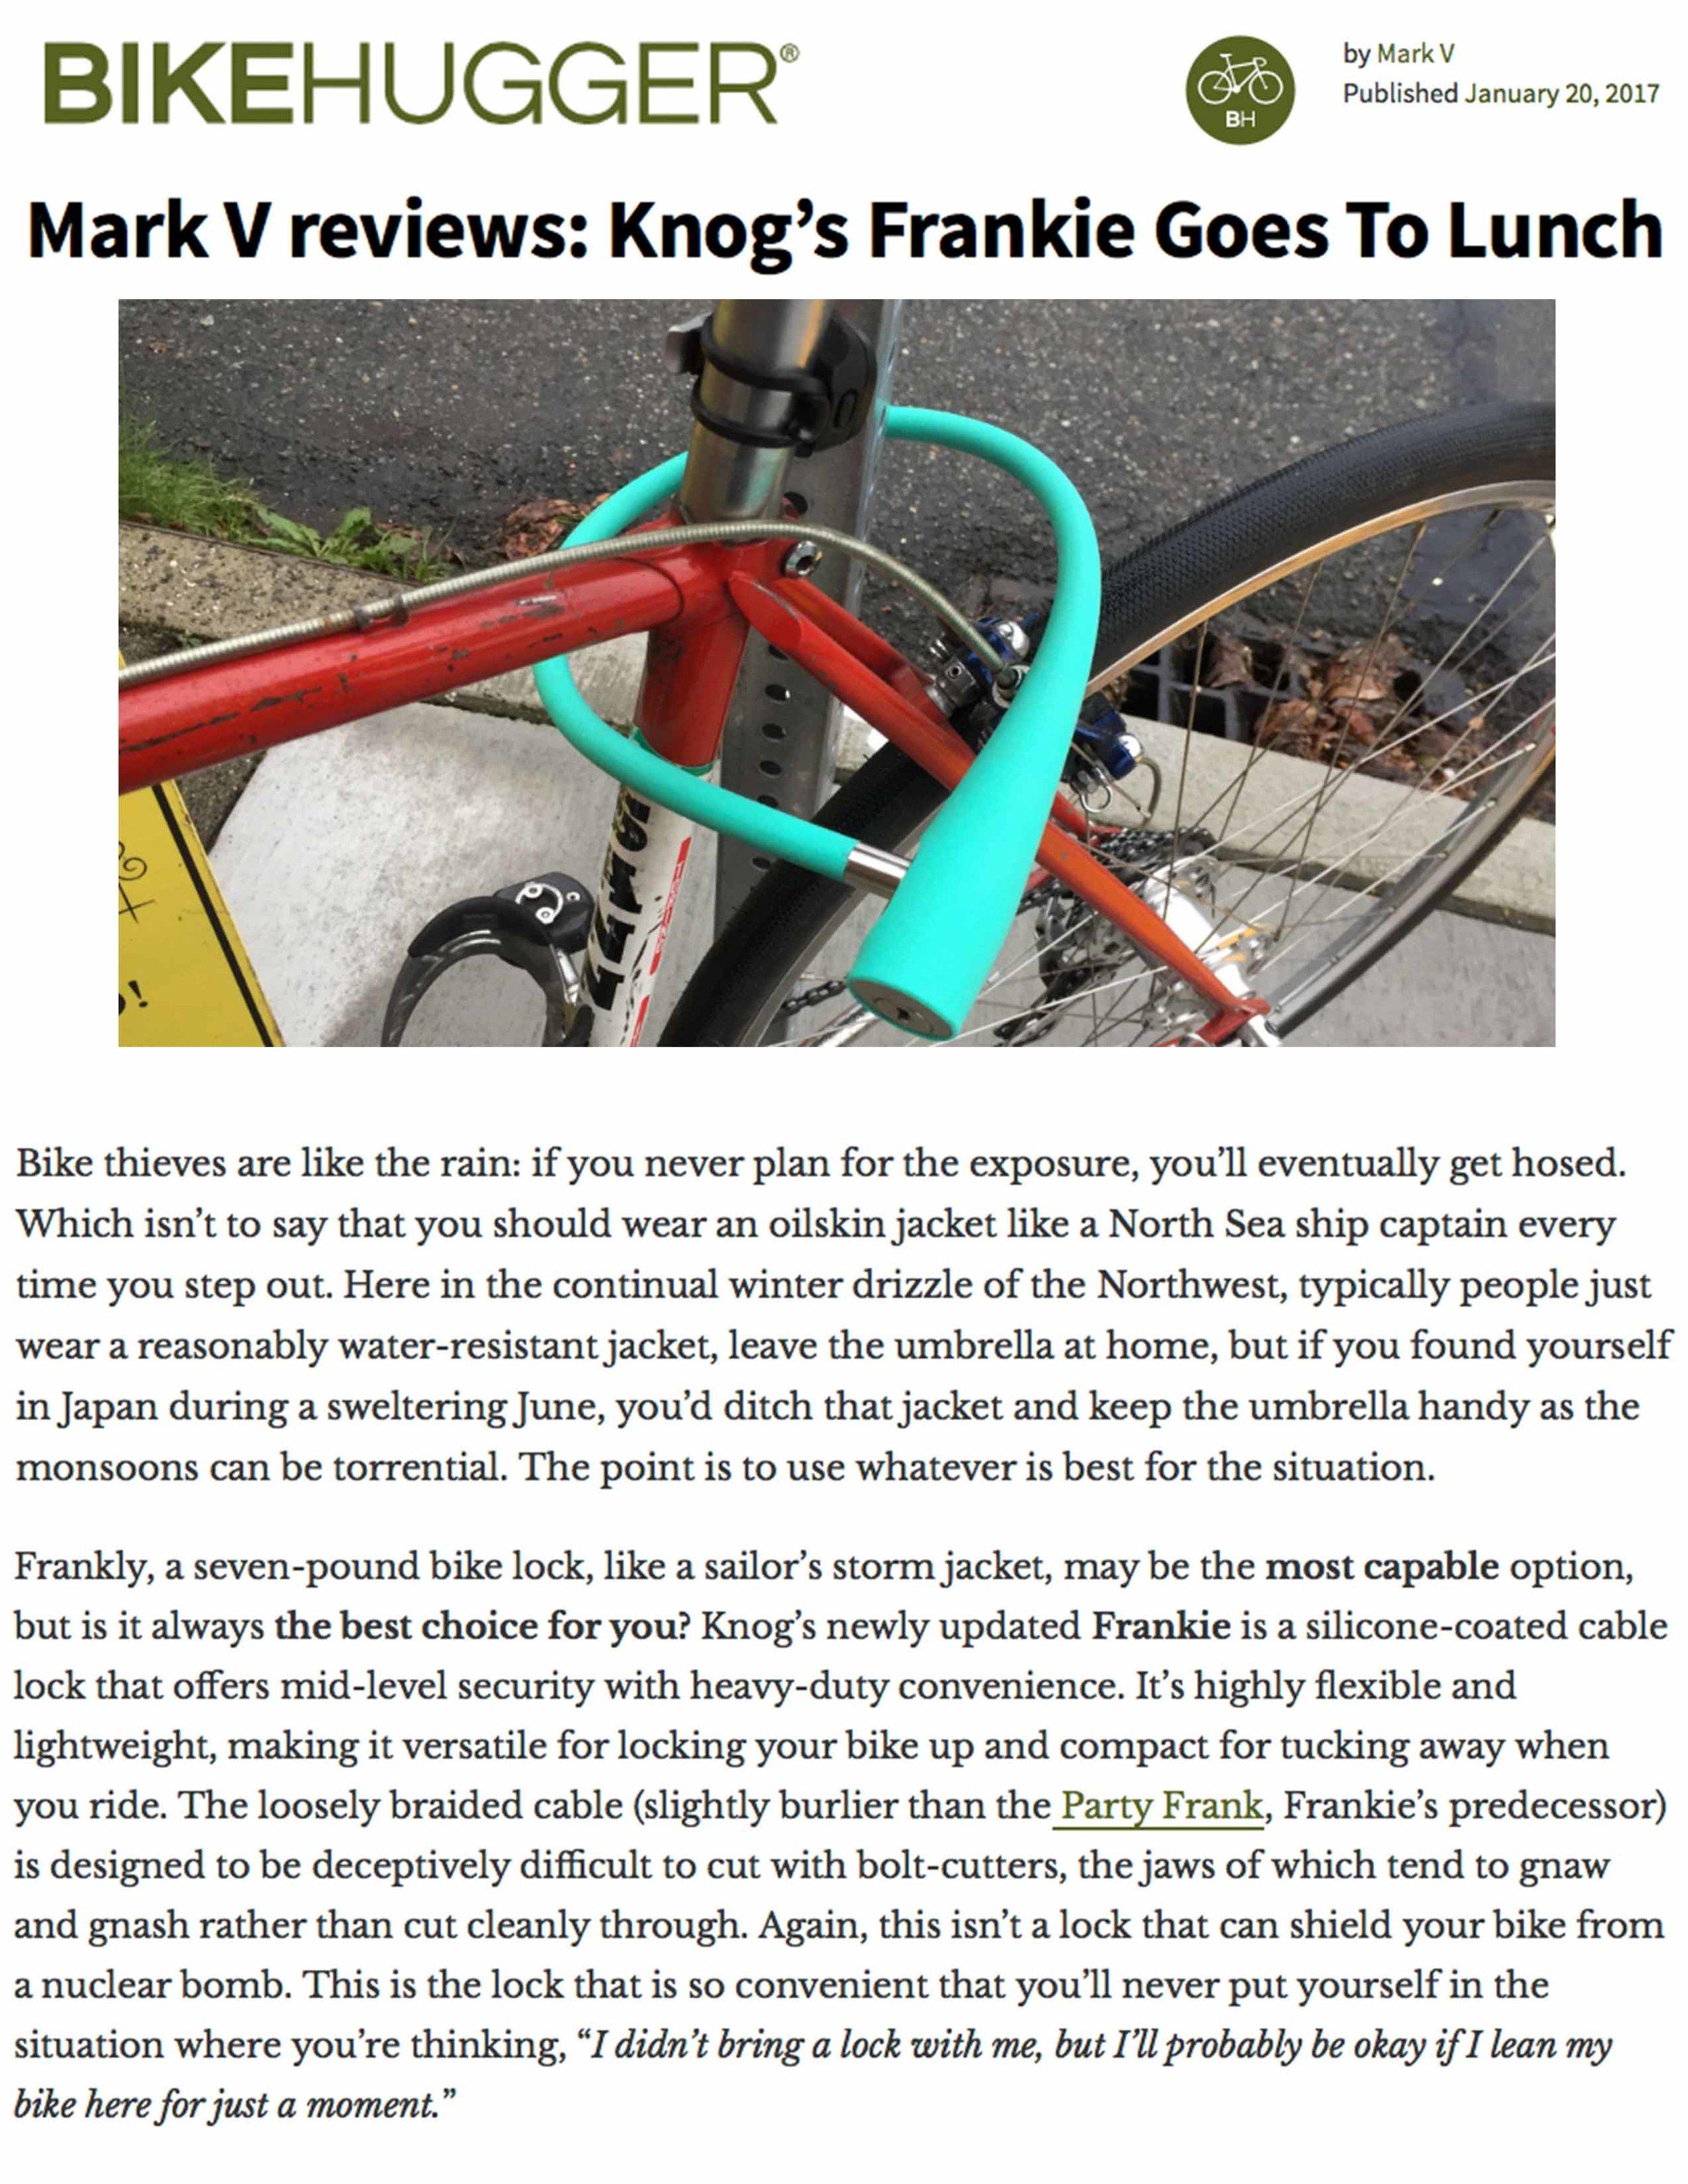 BikeHugger_Frankie_20Jan17.jpg